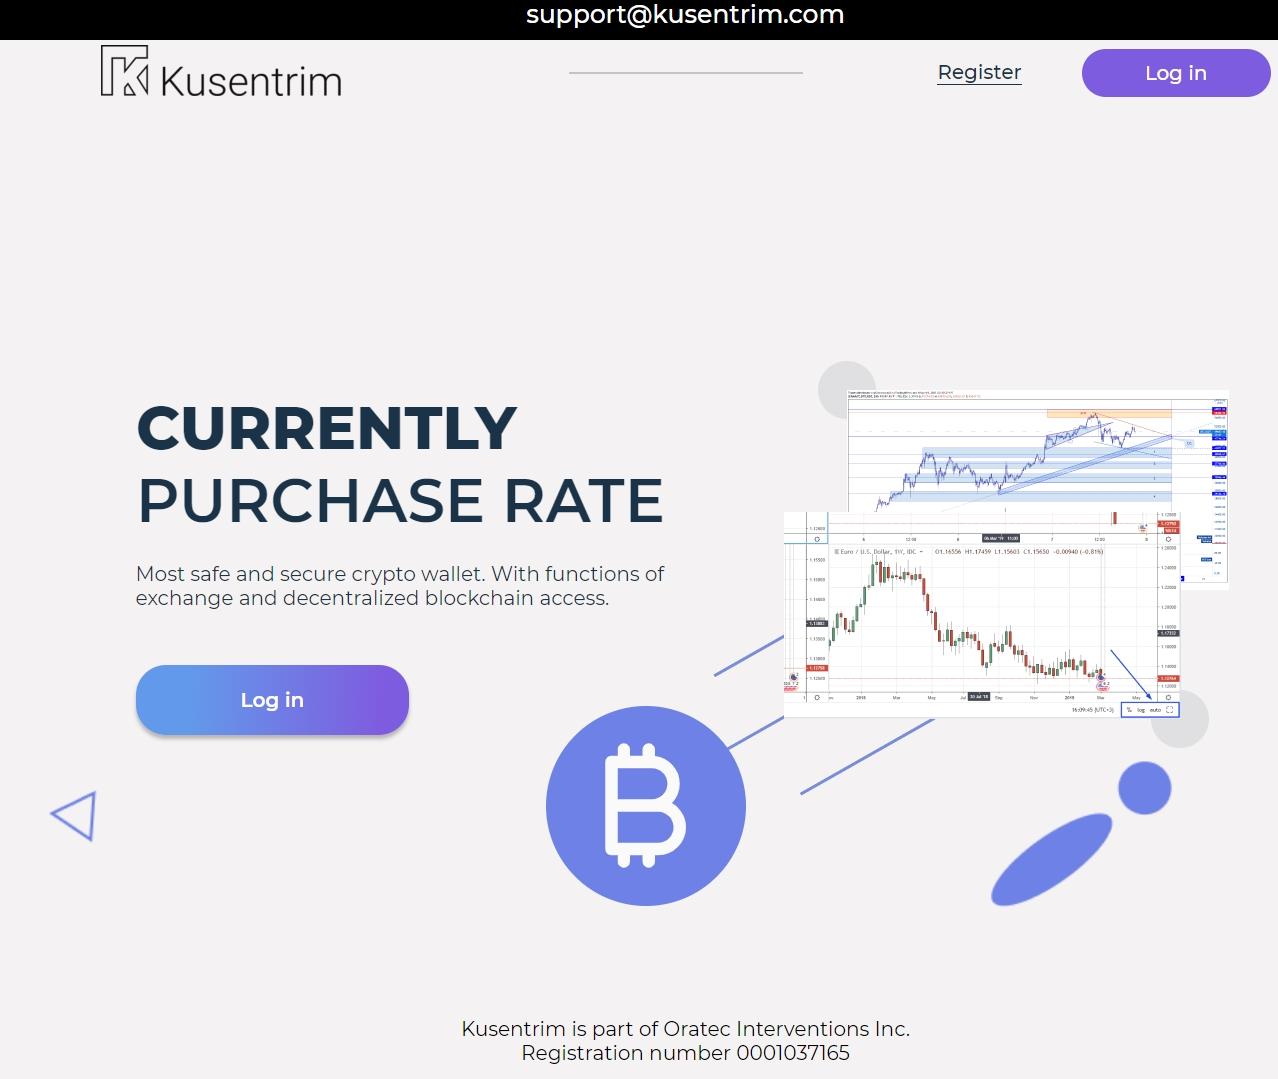 Официальный сайт Kusentrim